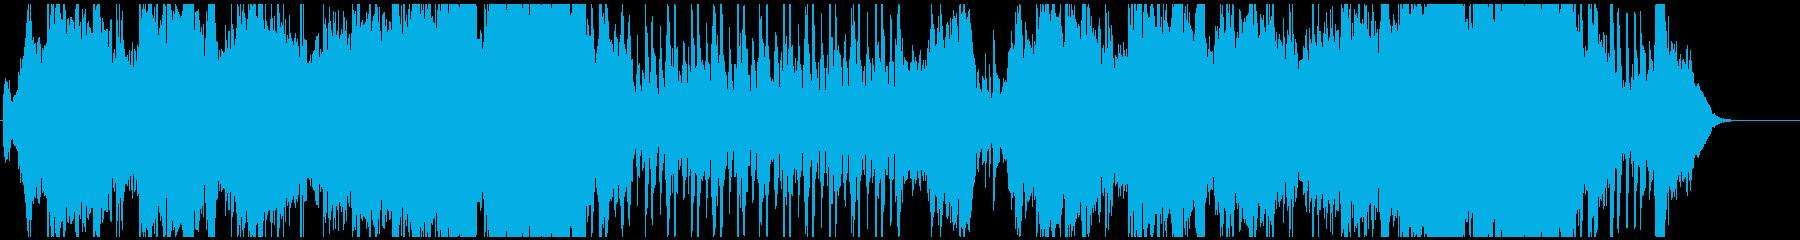 導入に使えるパワフルで壮大なオーケストラの再生済みの波形